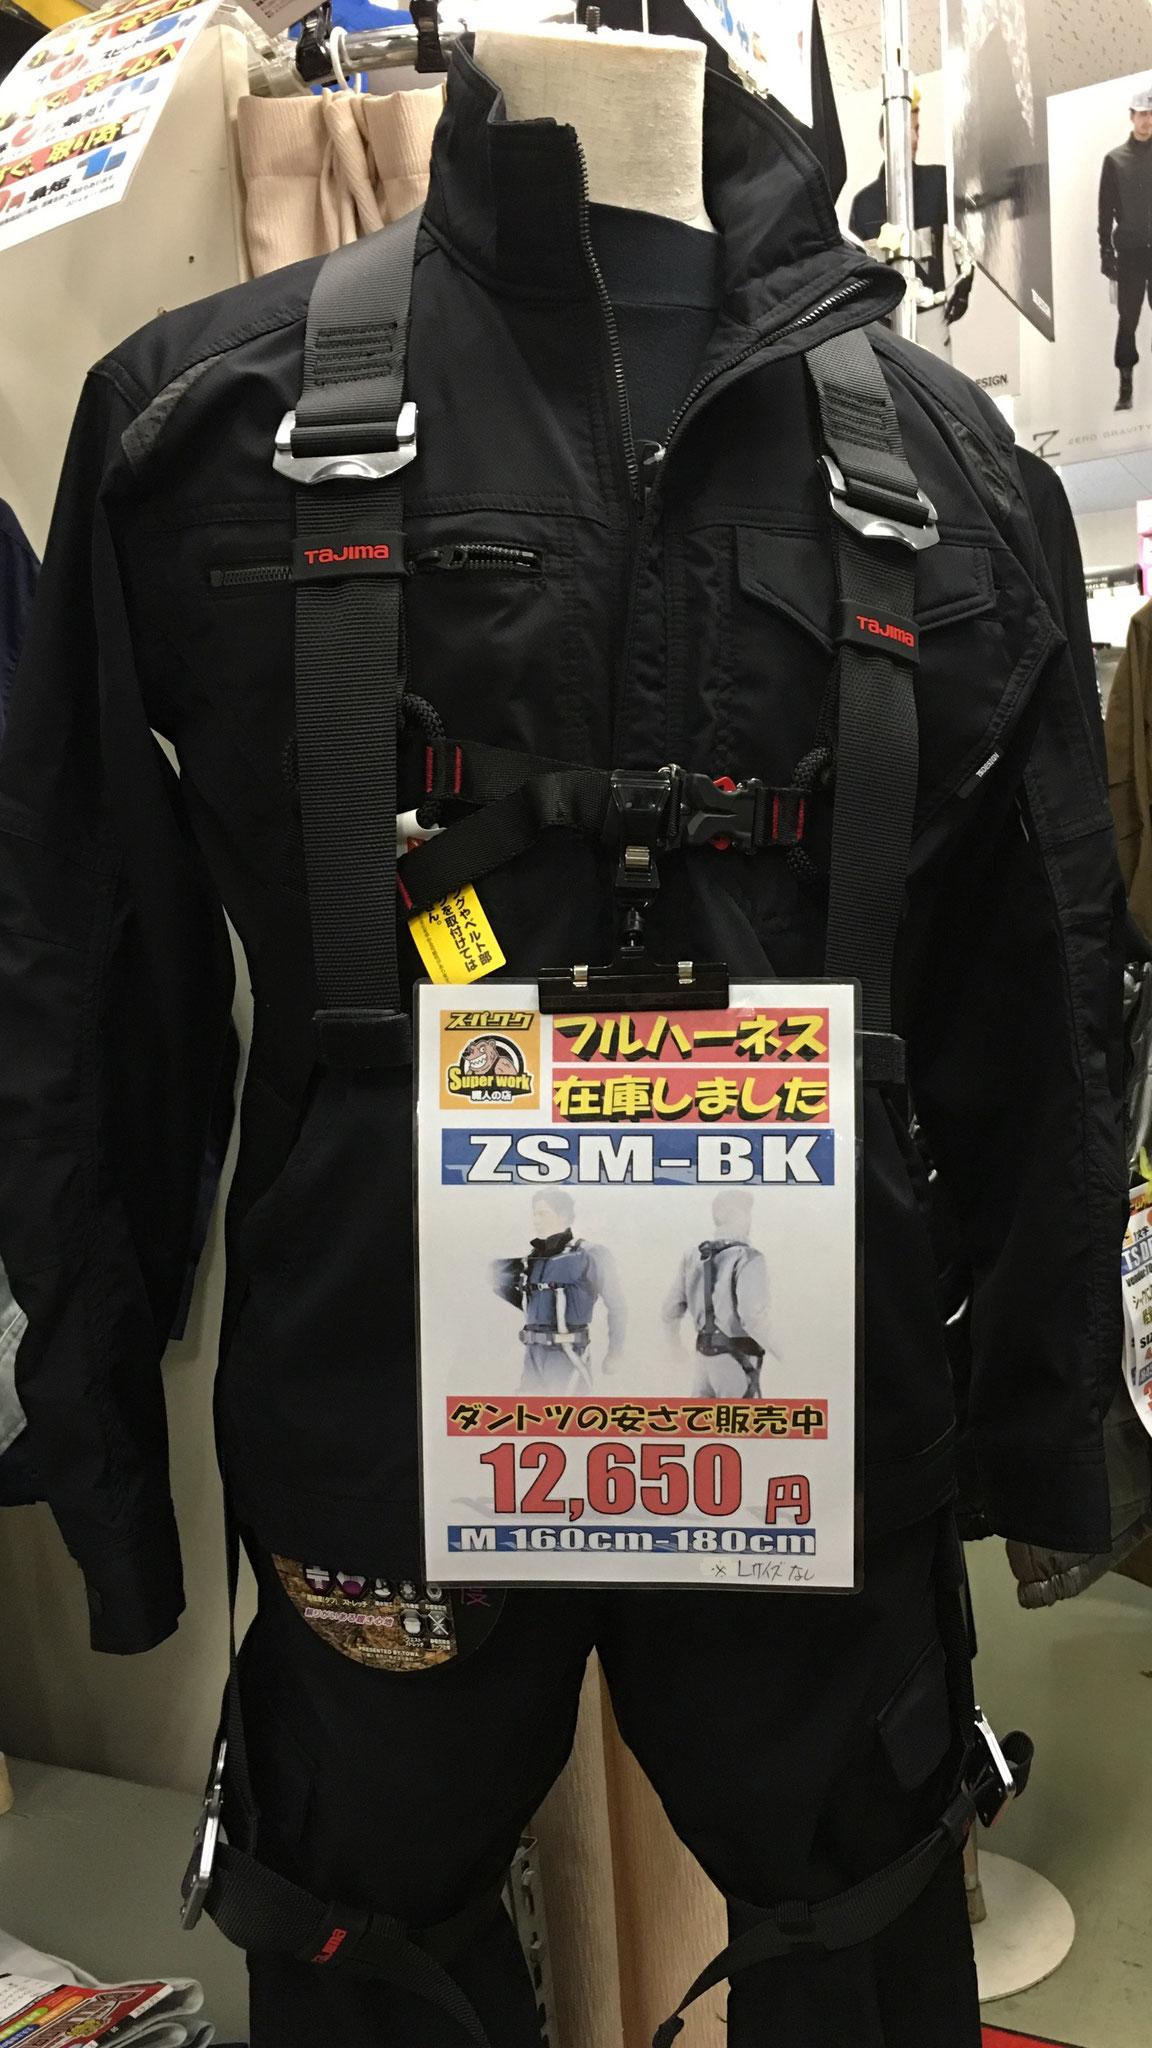 ハーネス型安全帯 ZSM-BK タジマの最新モデル Mサイズを在庫しています。 ¥12,650(税込)